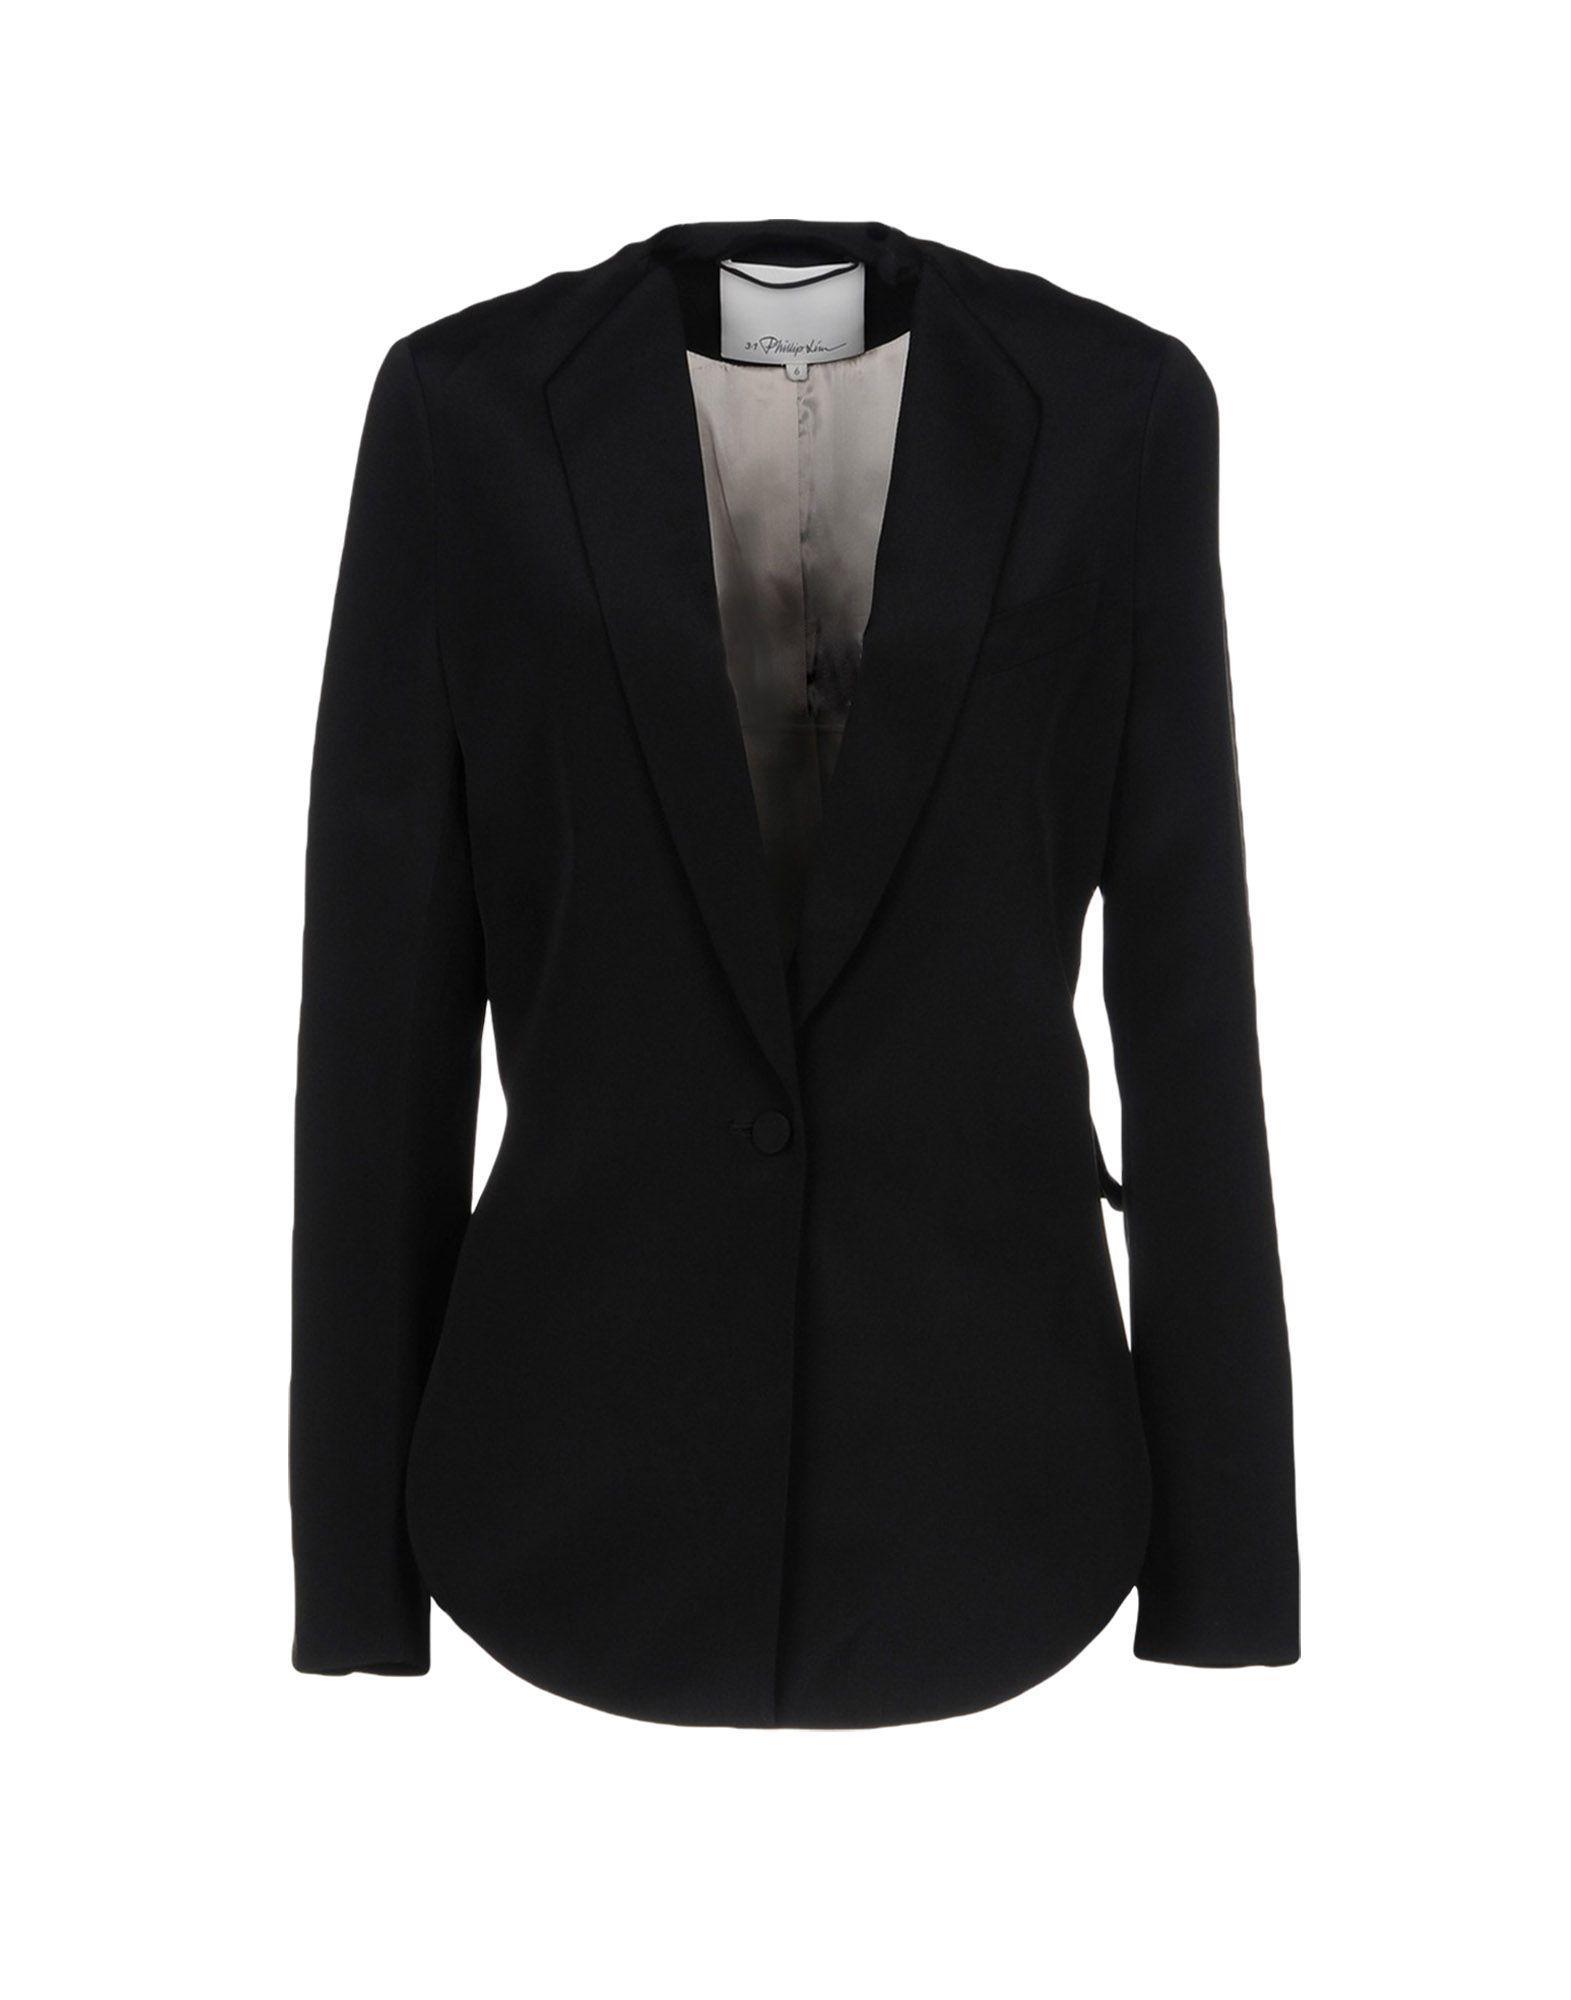 3.1 Phillip Lim Blazer In Black